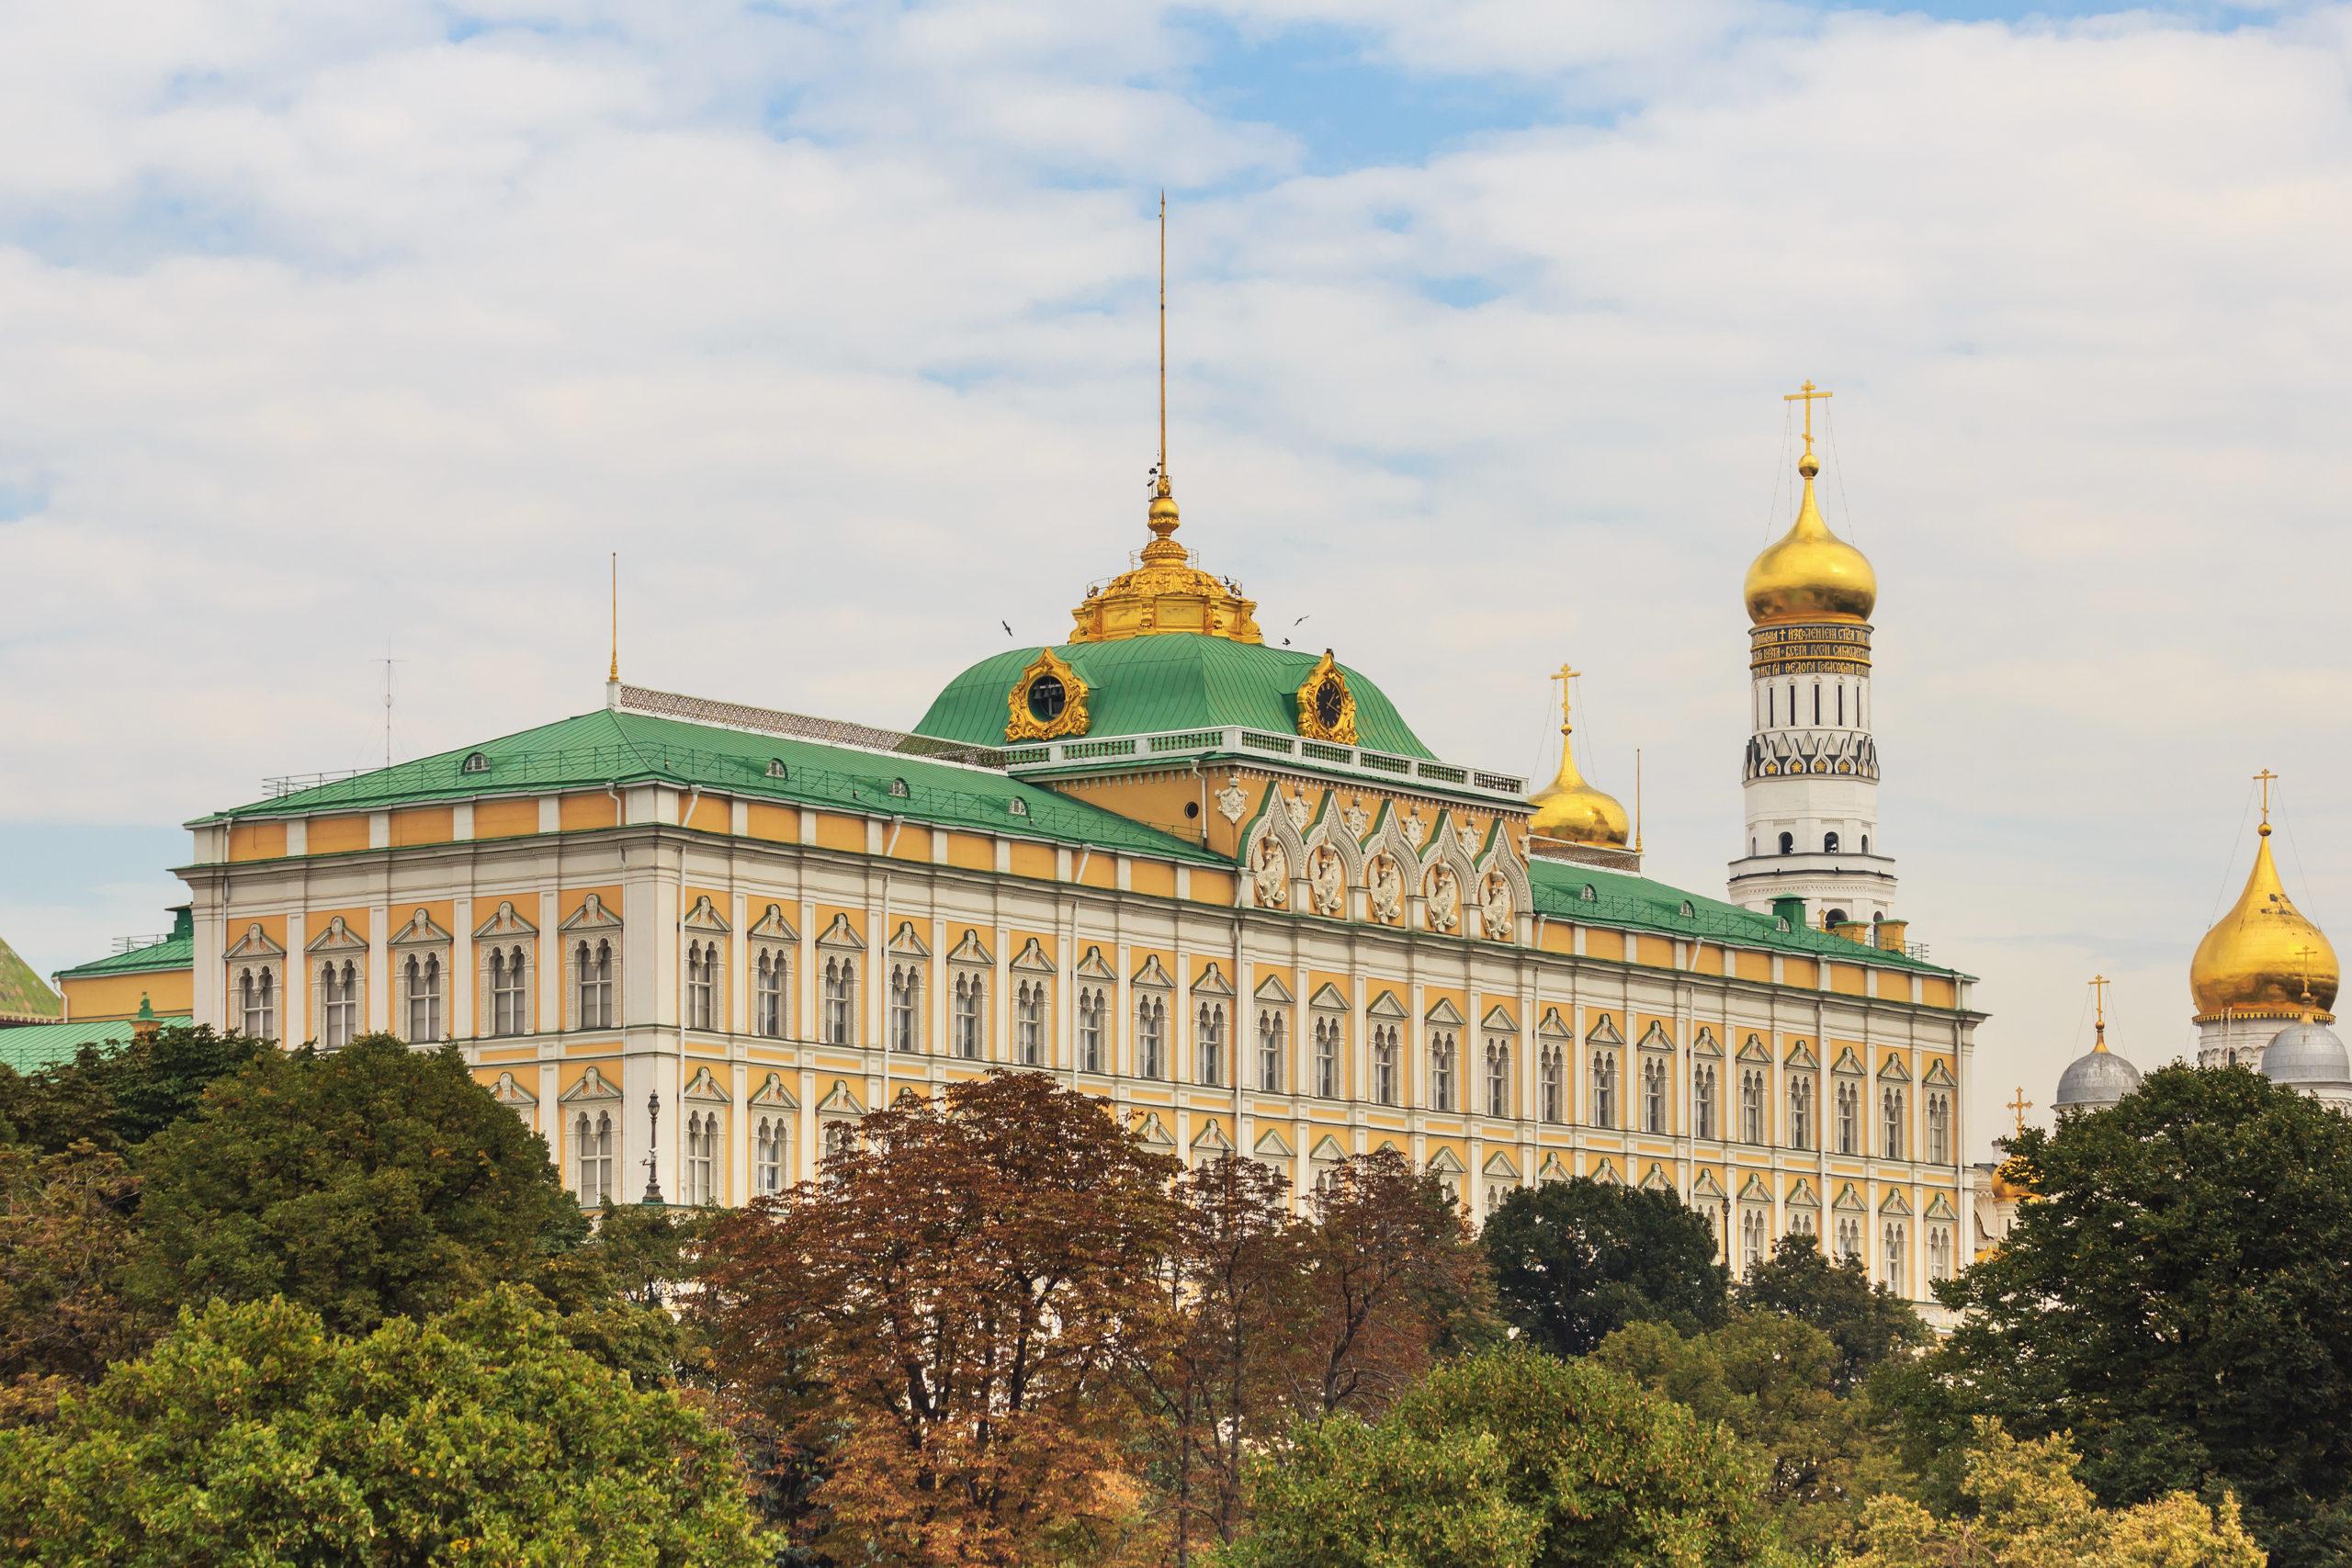 Фотография Кремлёвского дворца